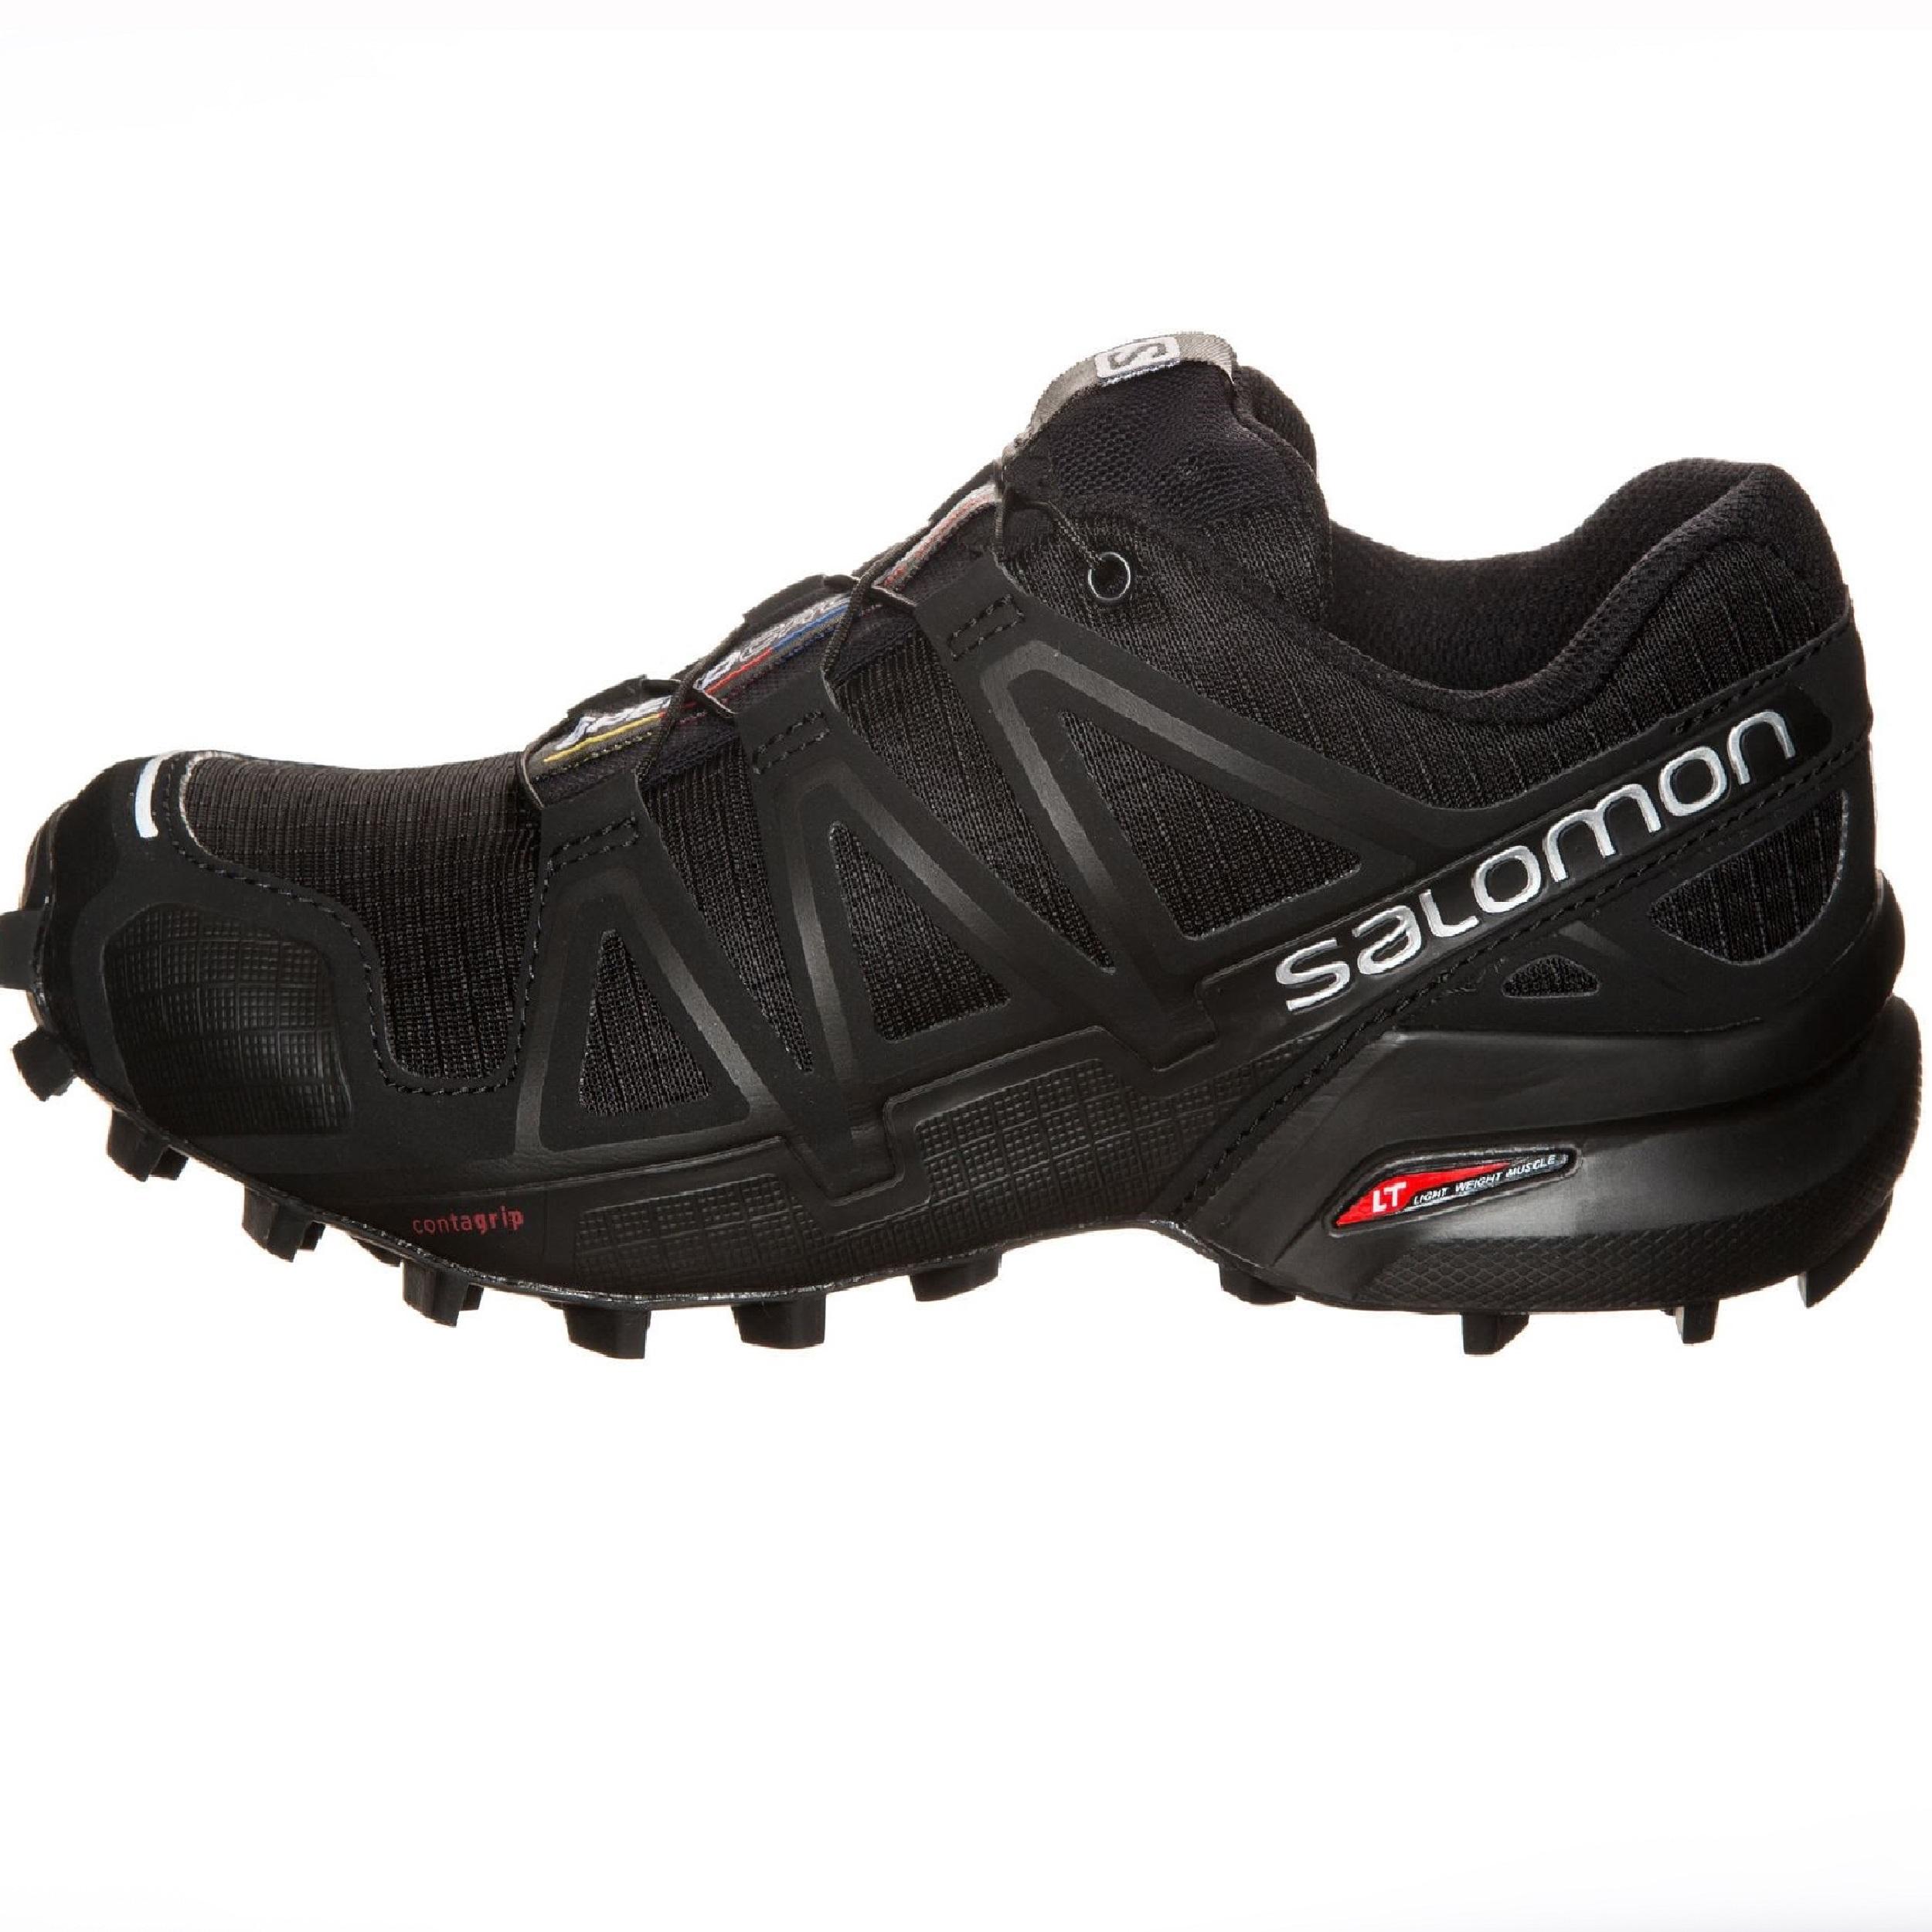 قیمت کفش مخصوص پیاده روی مردانه سالومون مدل 1-383130 MT